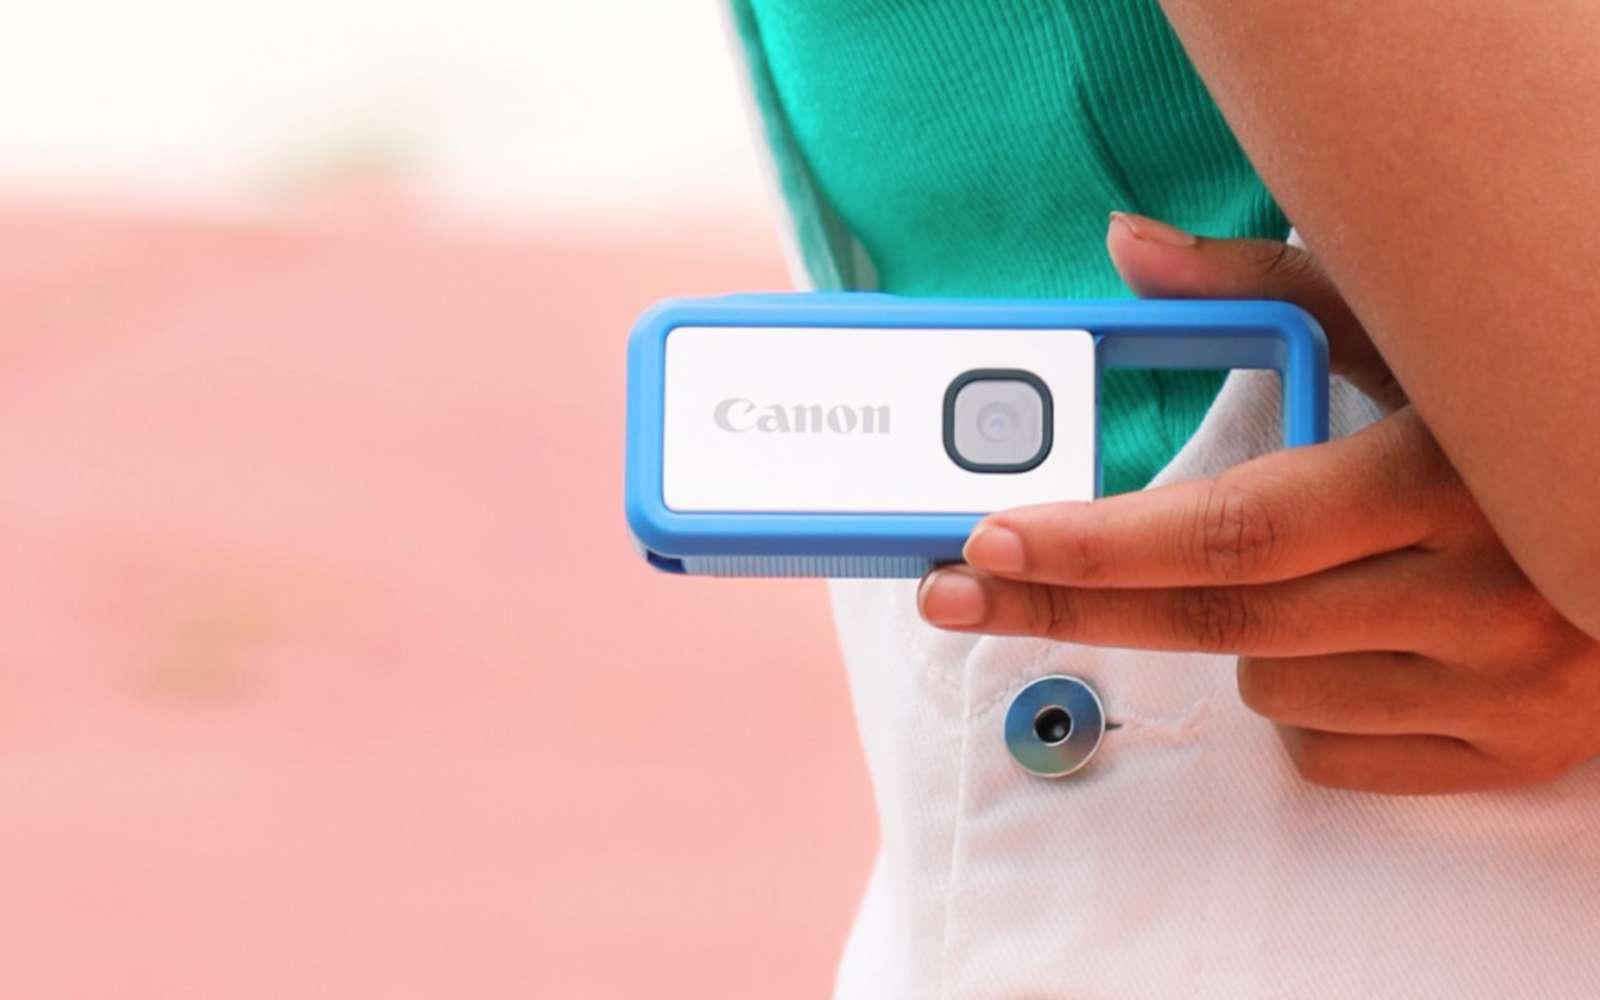 Les images ne sont pas stockées dans l'appareil mais envoyées dans le smartphone qu'on peut garder au fond de son sac ou de sa poche. © Canon